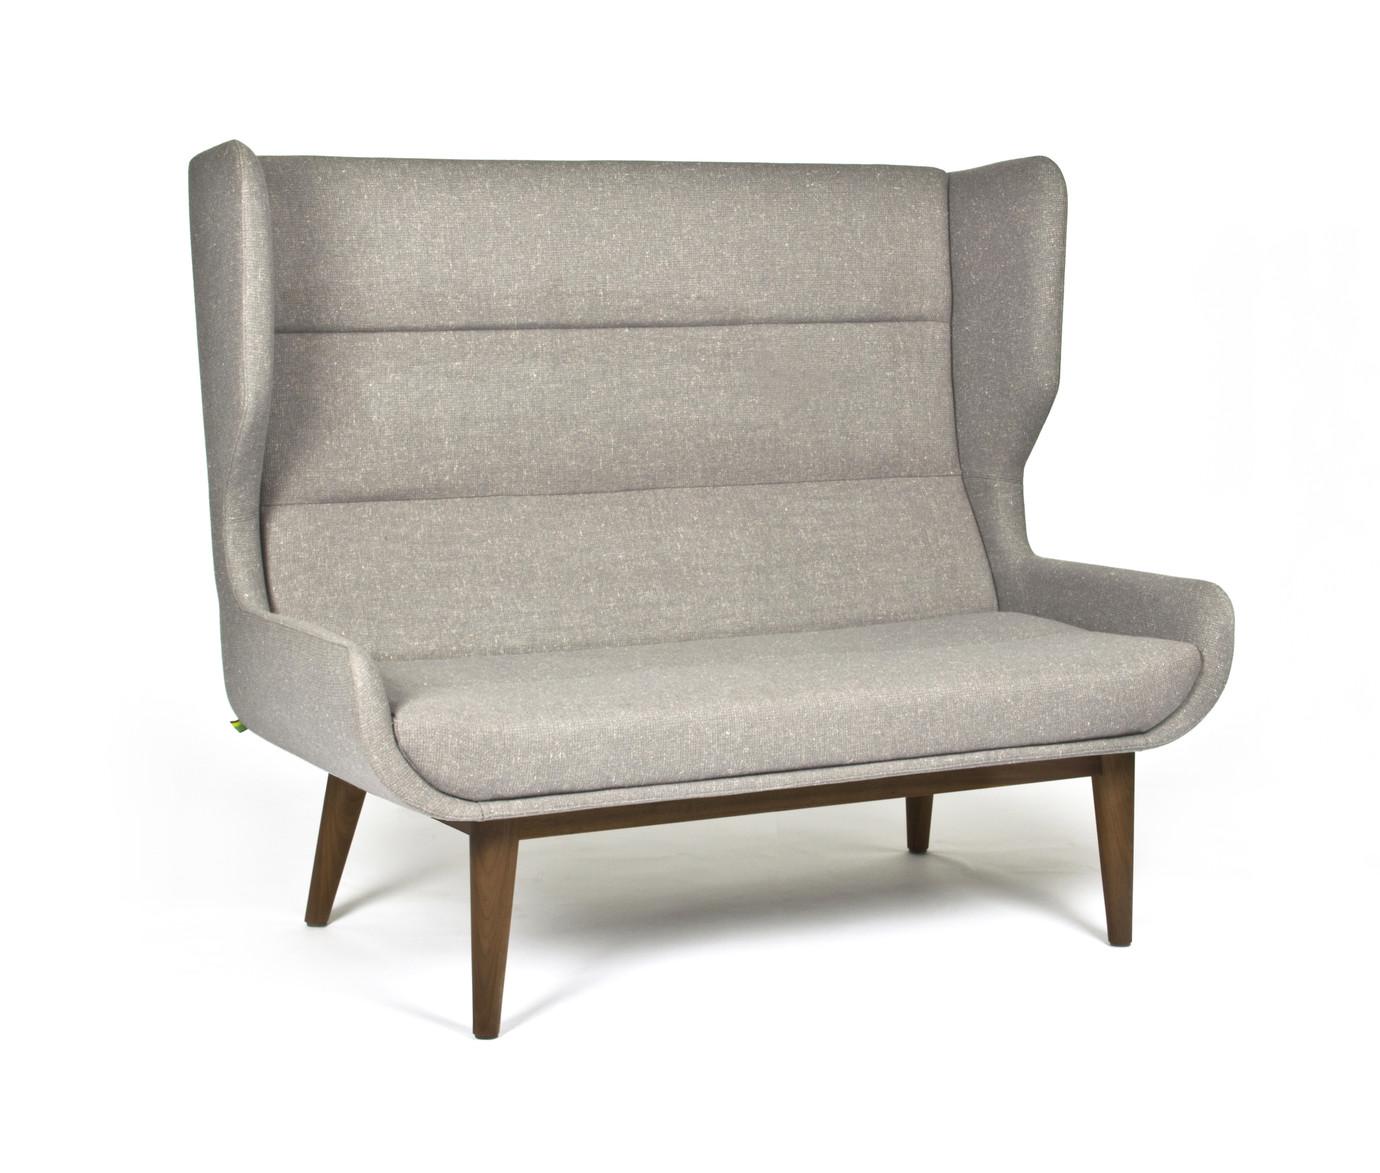 1-Silla-Lounge-Sofa-Hush-1380